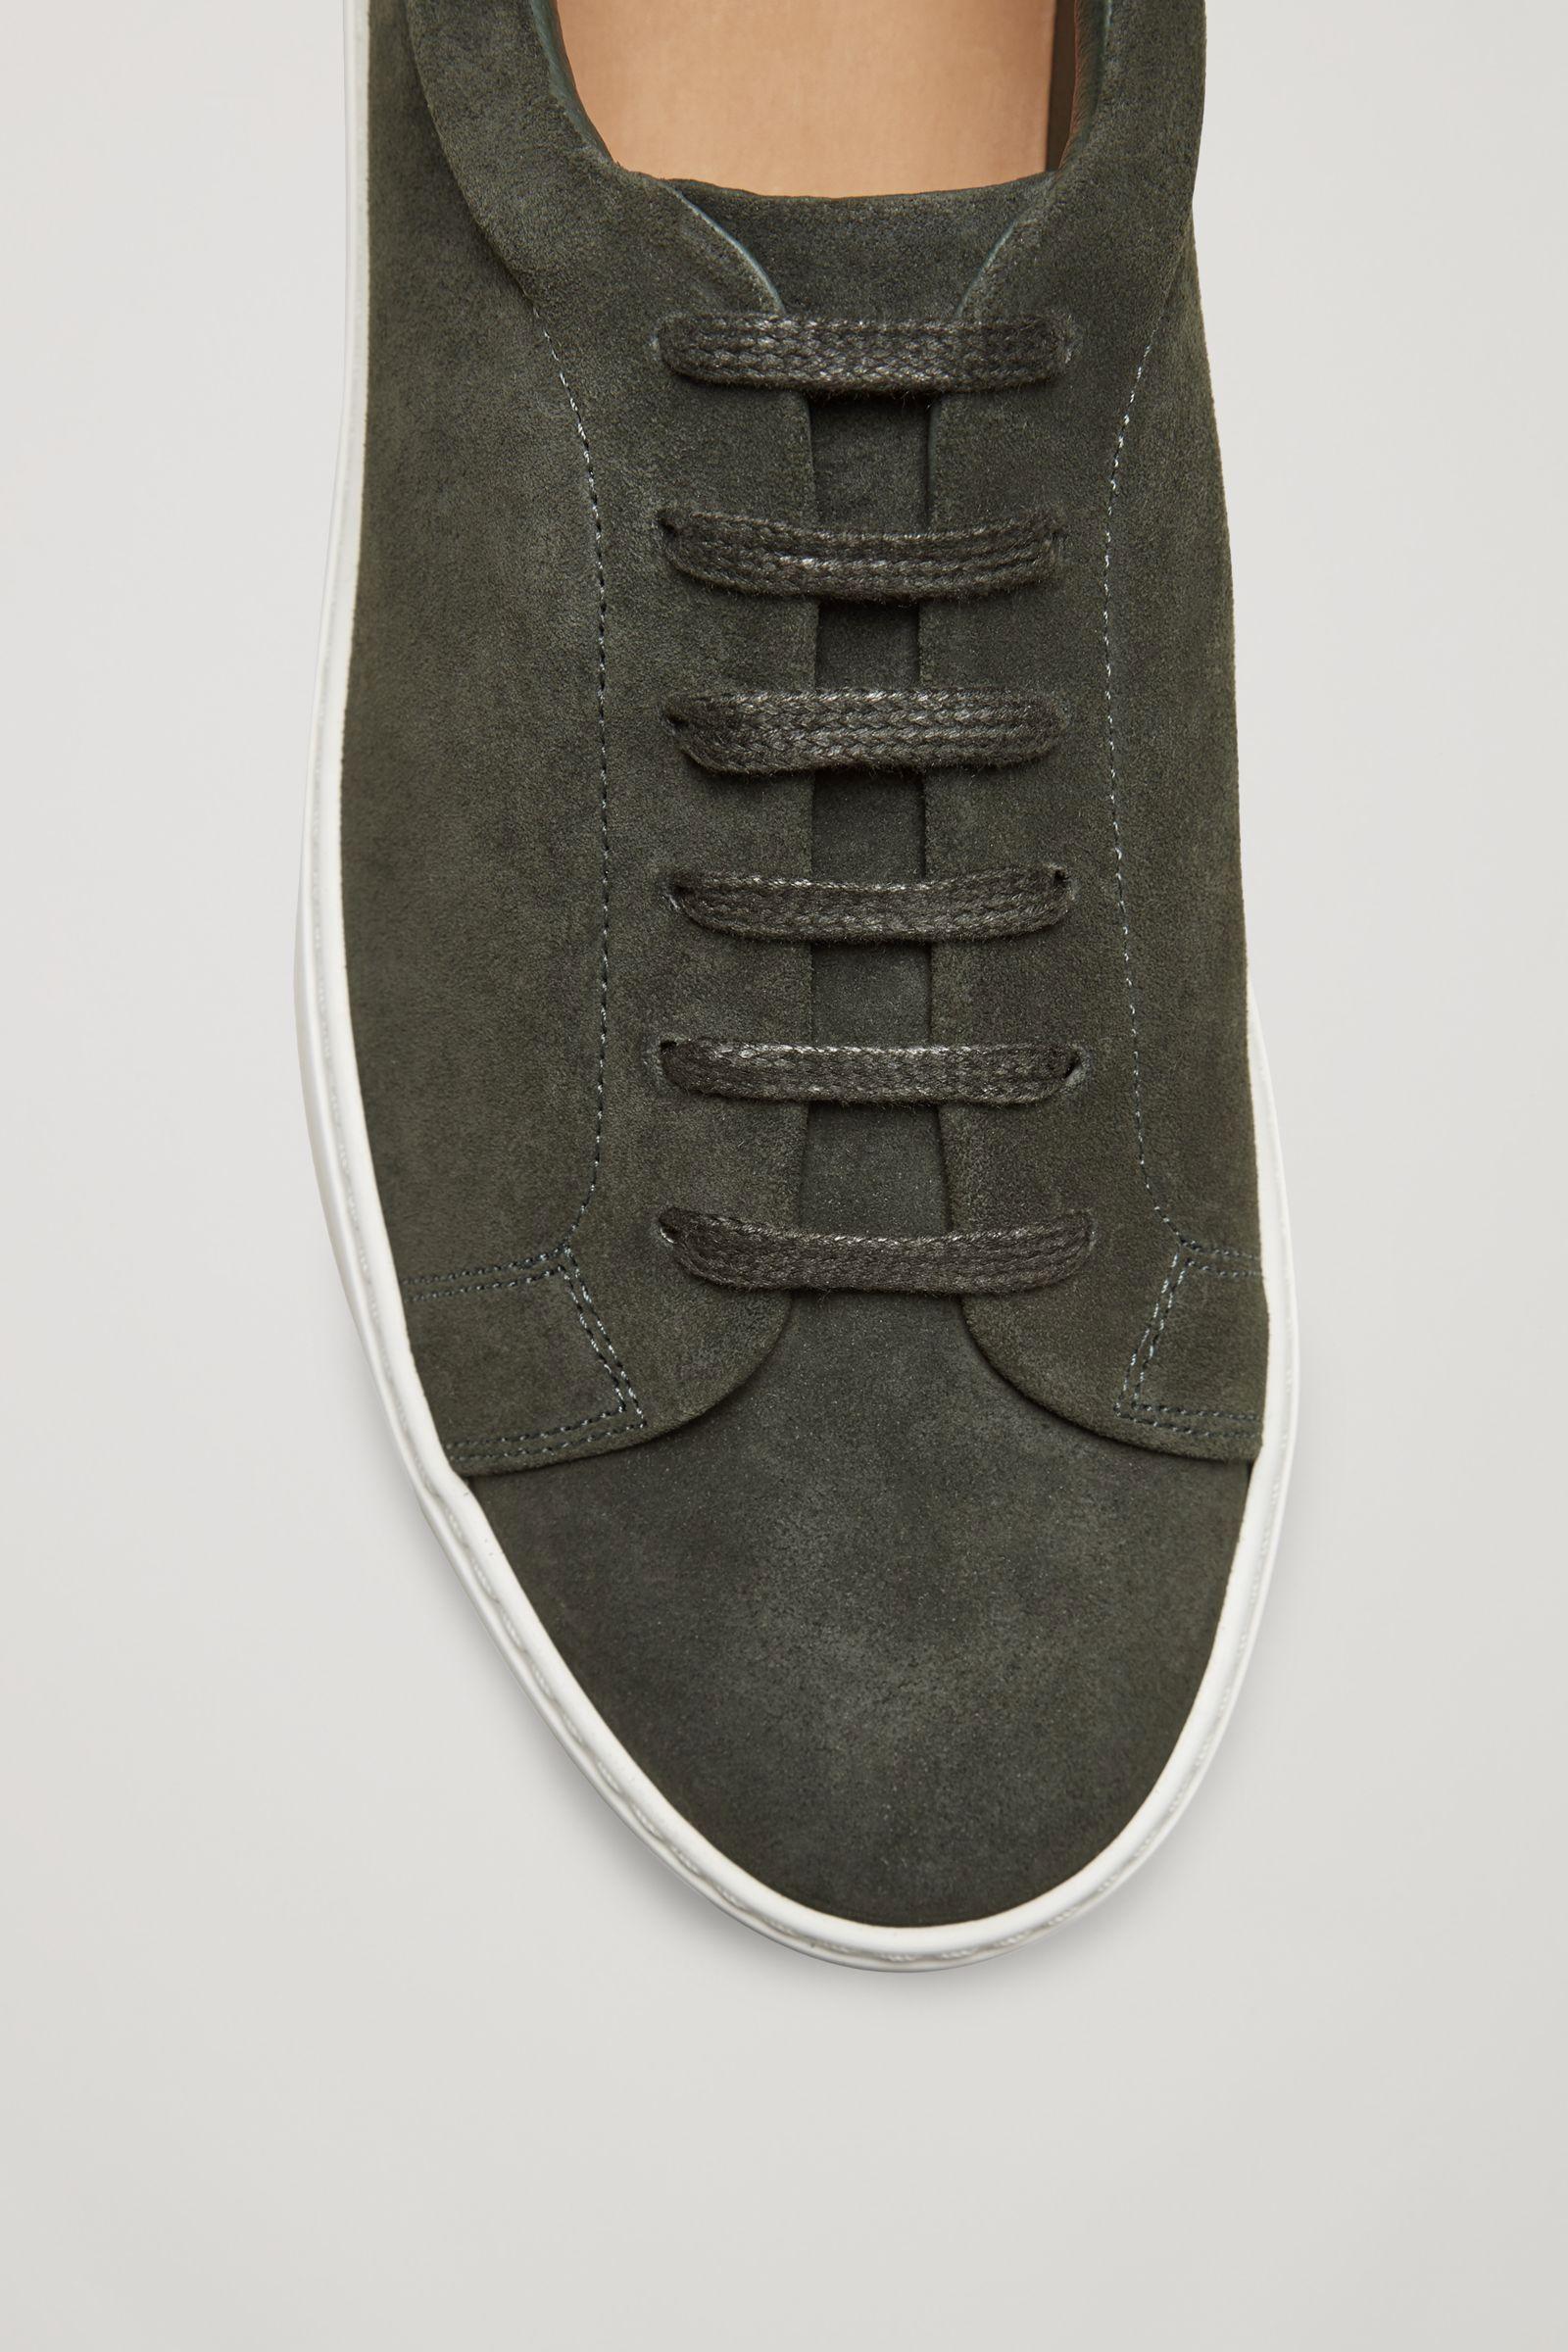 adidas Originals Gazelle Baskets en cuir mélangé vert